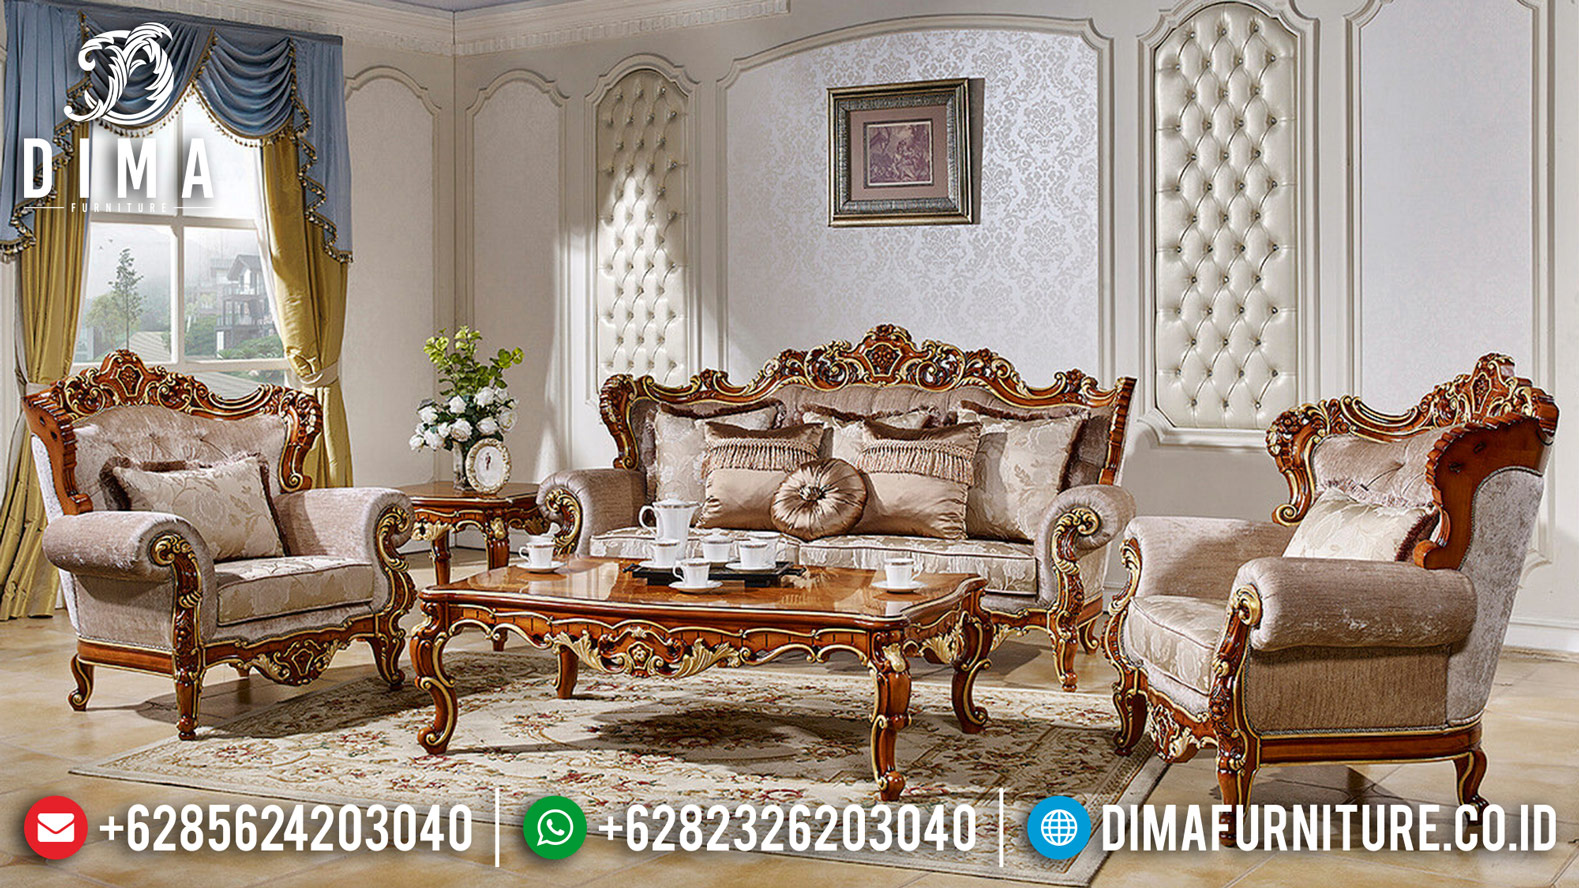 Set 3 2 1 Kursi Sofa Tamu Jepara Jati Ukir Mewah Klasik Natural Gold DF-1234